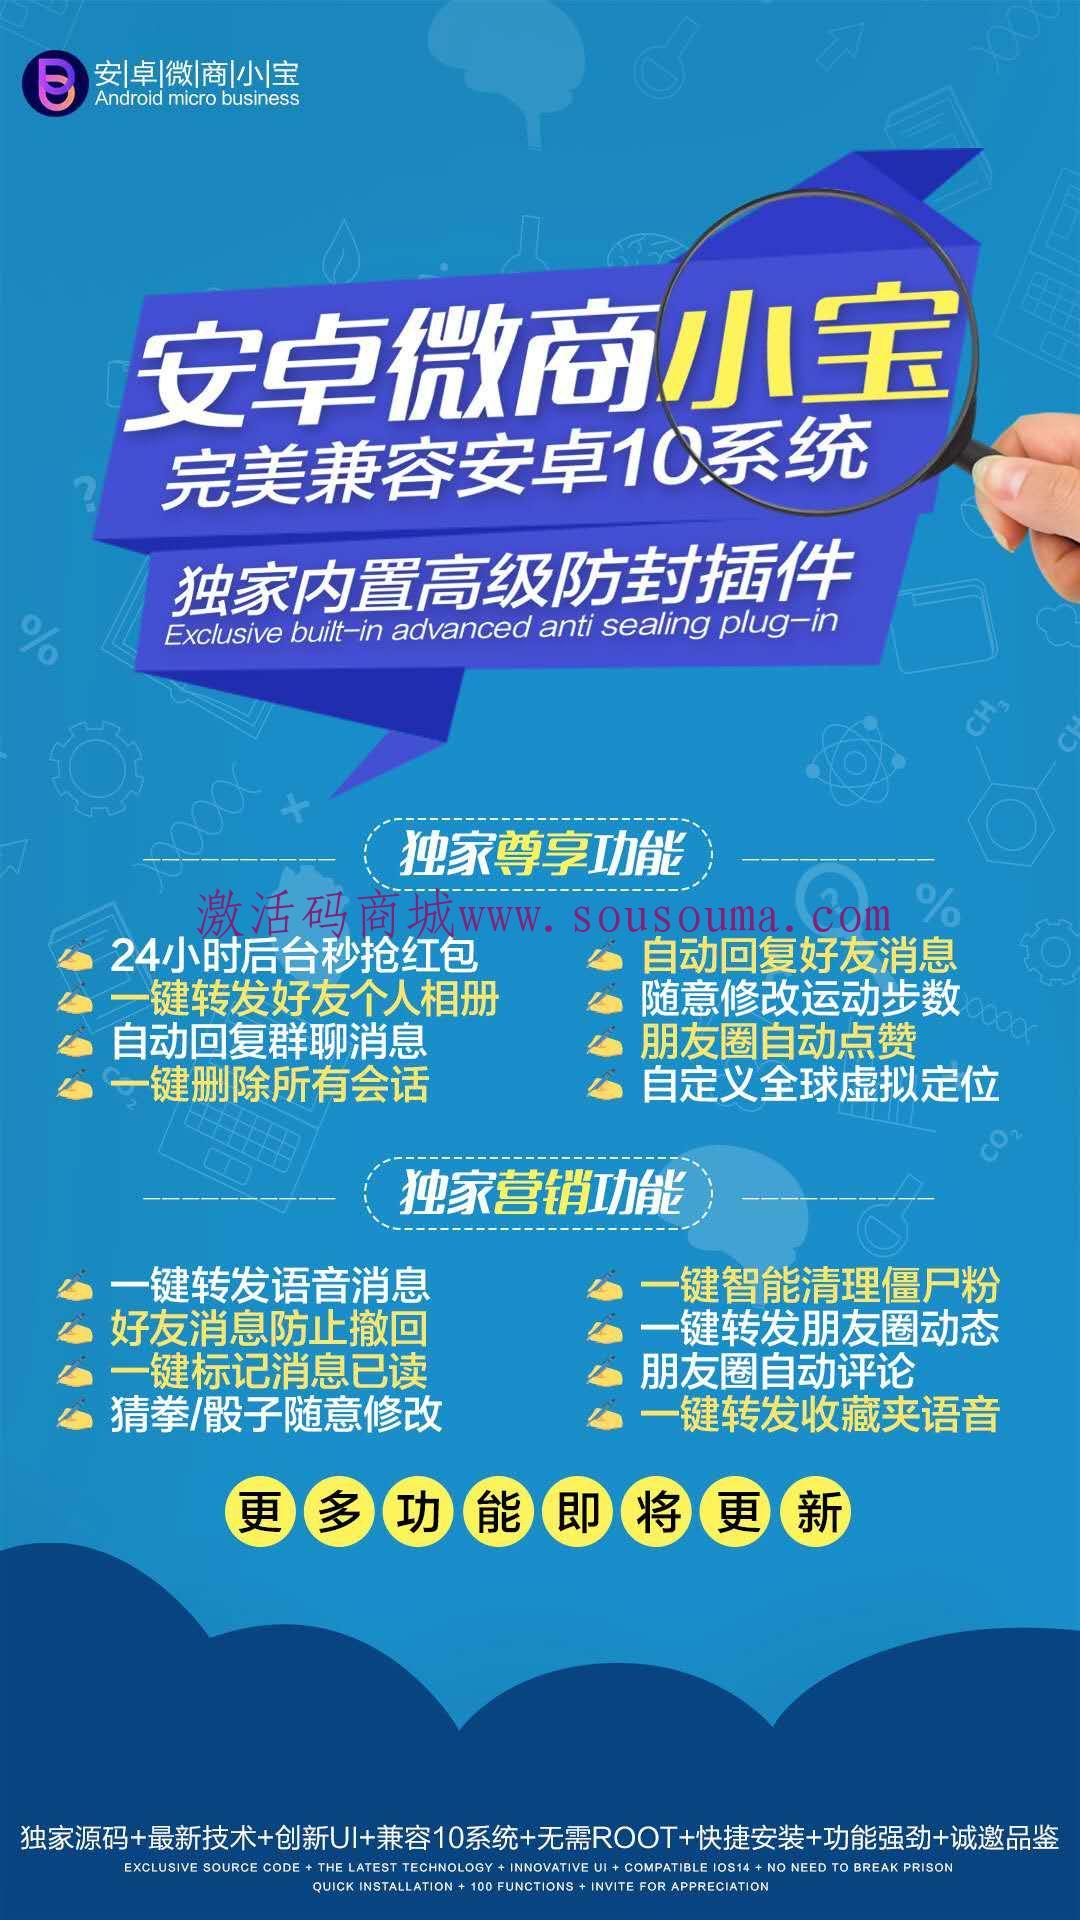 【安卓微小宝官网】安卓无限多开支持10系统一键转发激活码授权